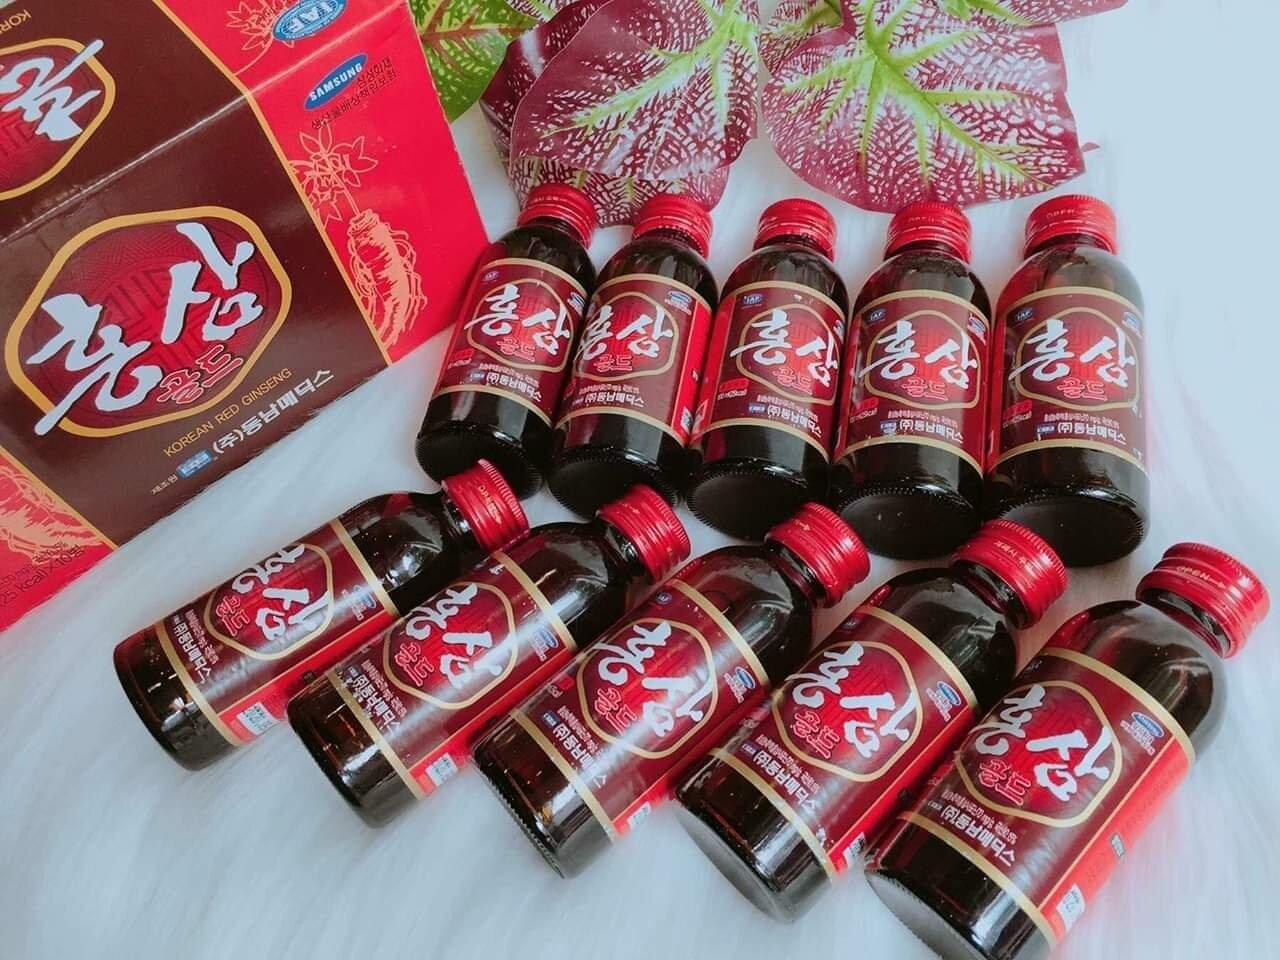 Nước hồng sâm có tác dụng hạ đường huyết có hiệu quả giảm bệnh đái tháo đường